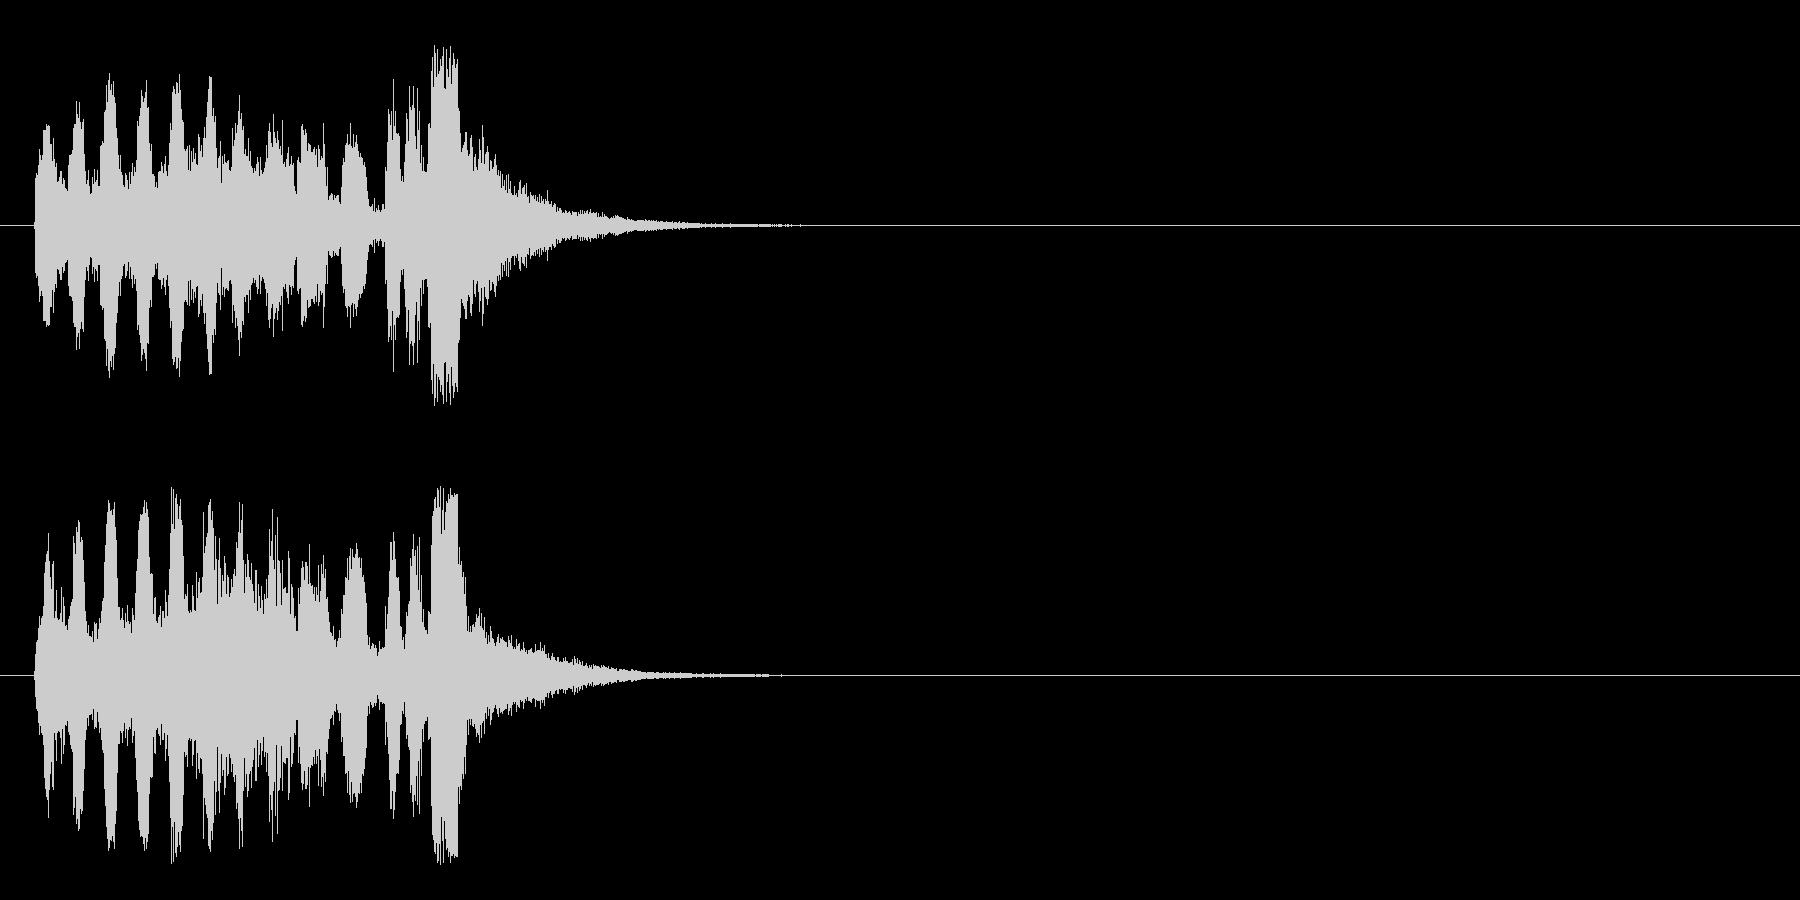 キュー・アタック風パニックのジングルの未再生の波形